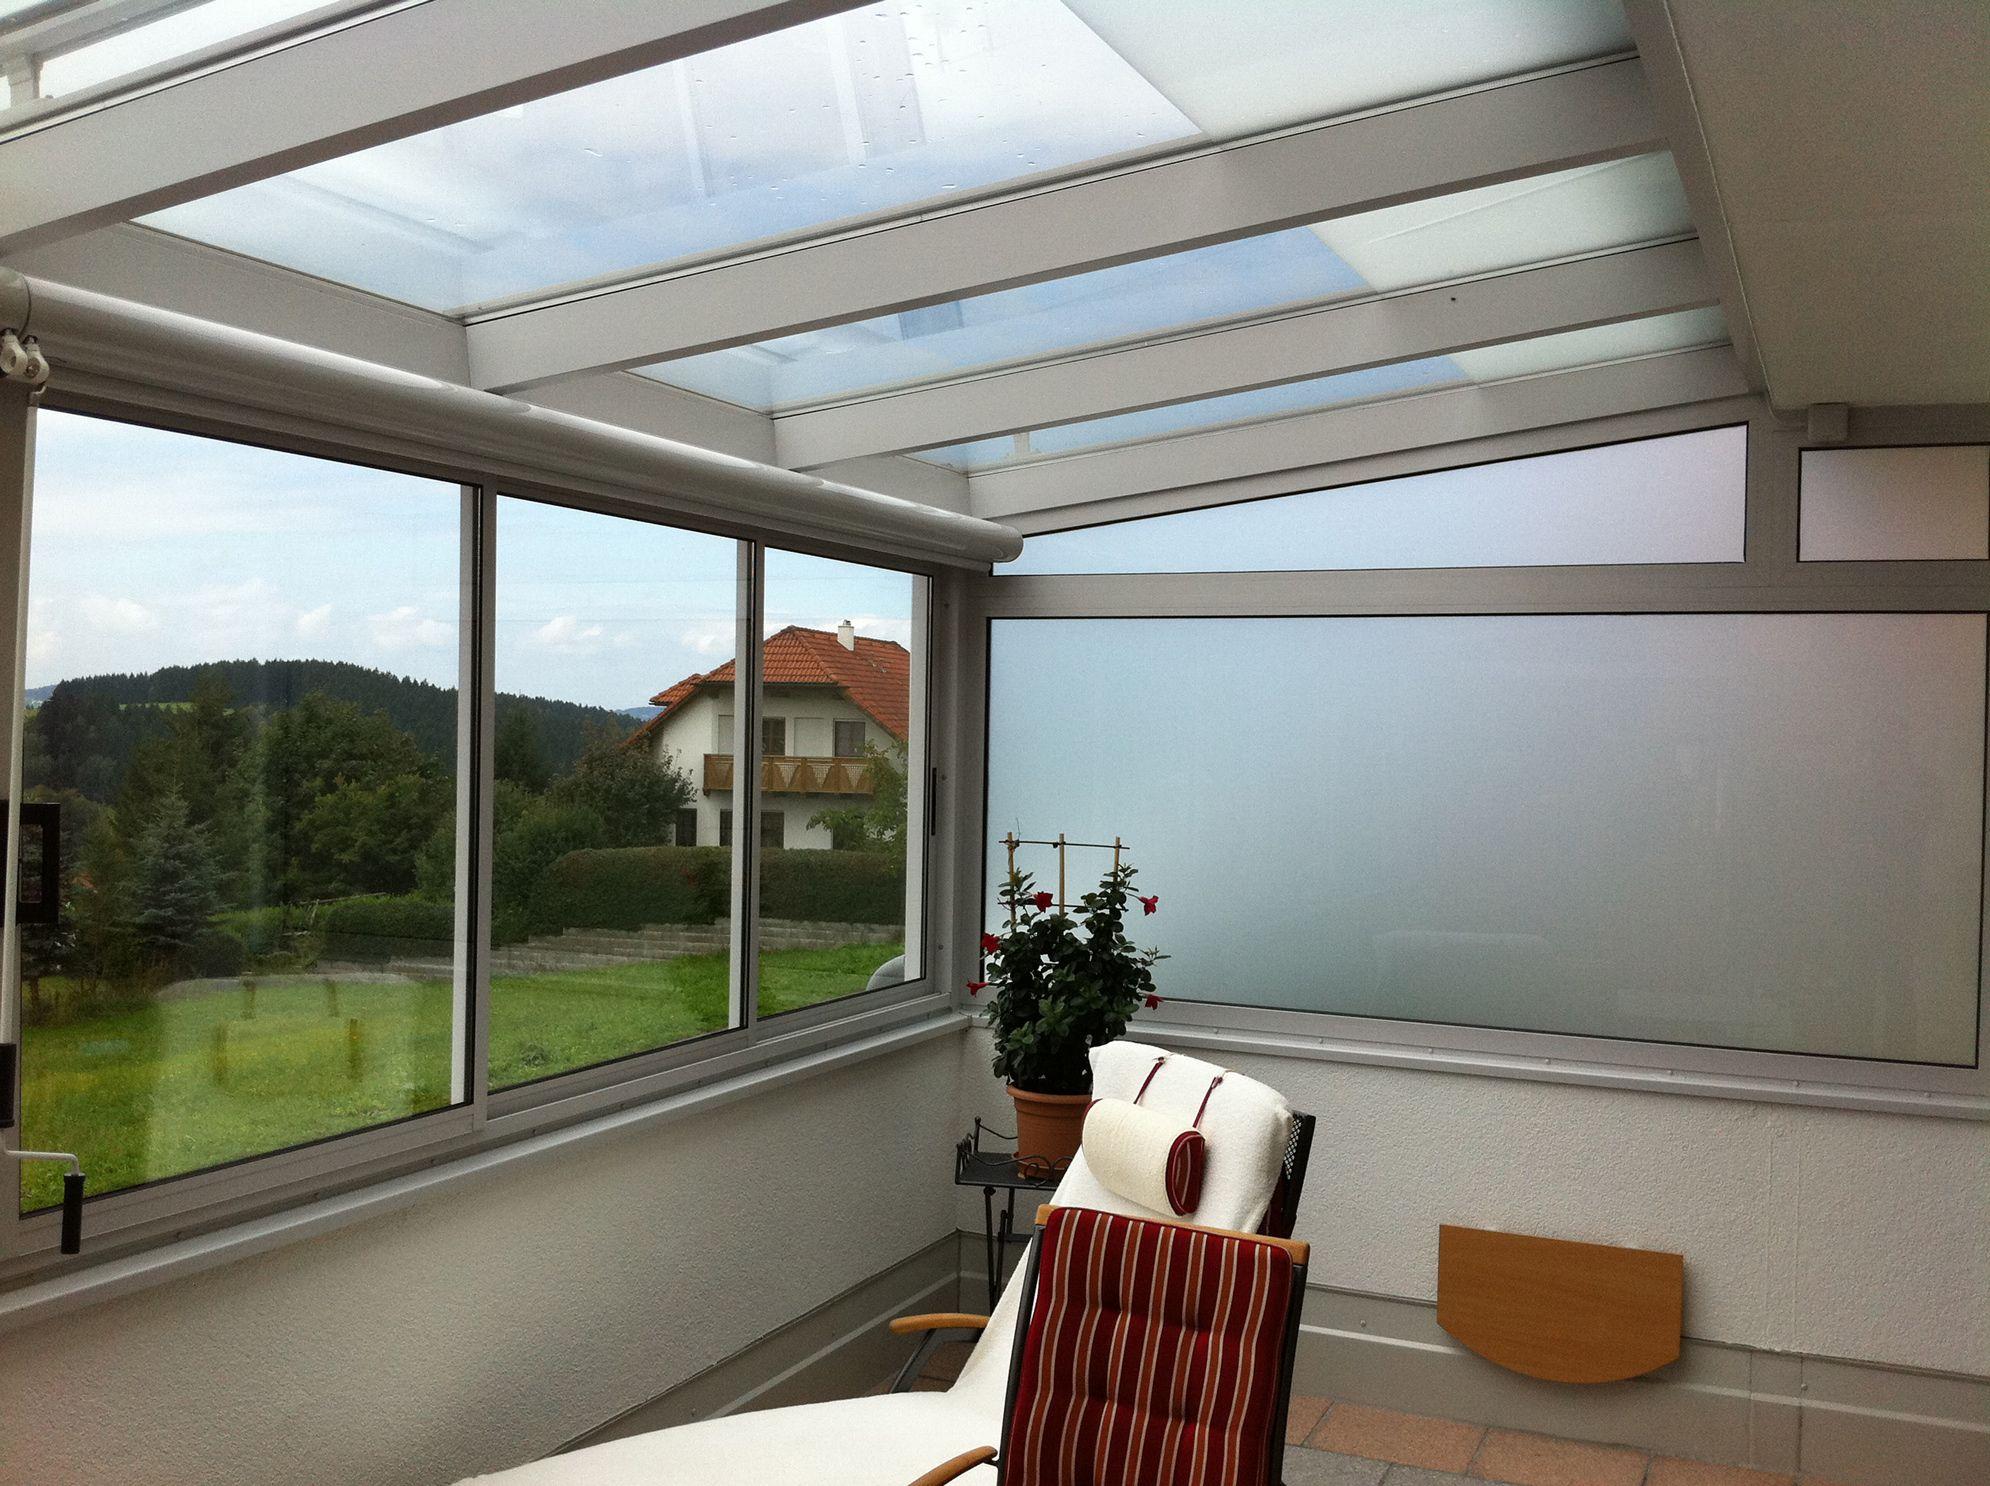 Wintergartenverglasung mit seitlichem Sichtschutz Haus